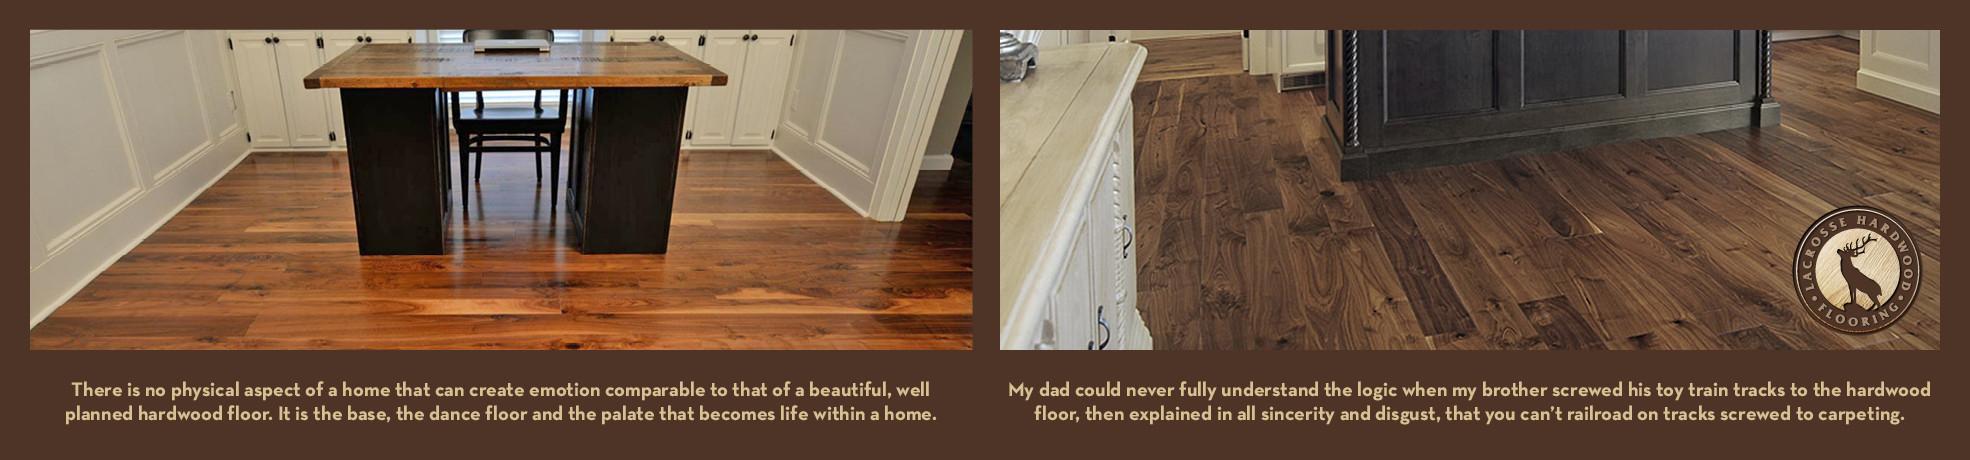 hickory hardwood flooring cheap of lacrosse hardwood flooring walnut white oak red oak hickory within lhfsliderv22